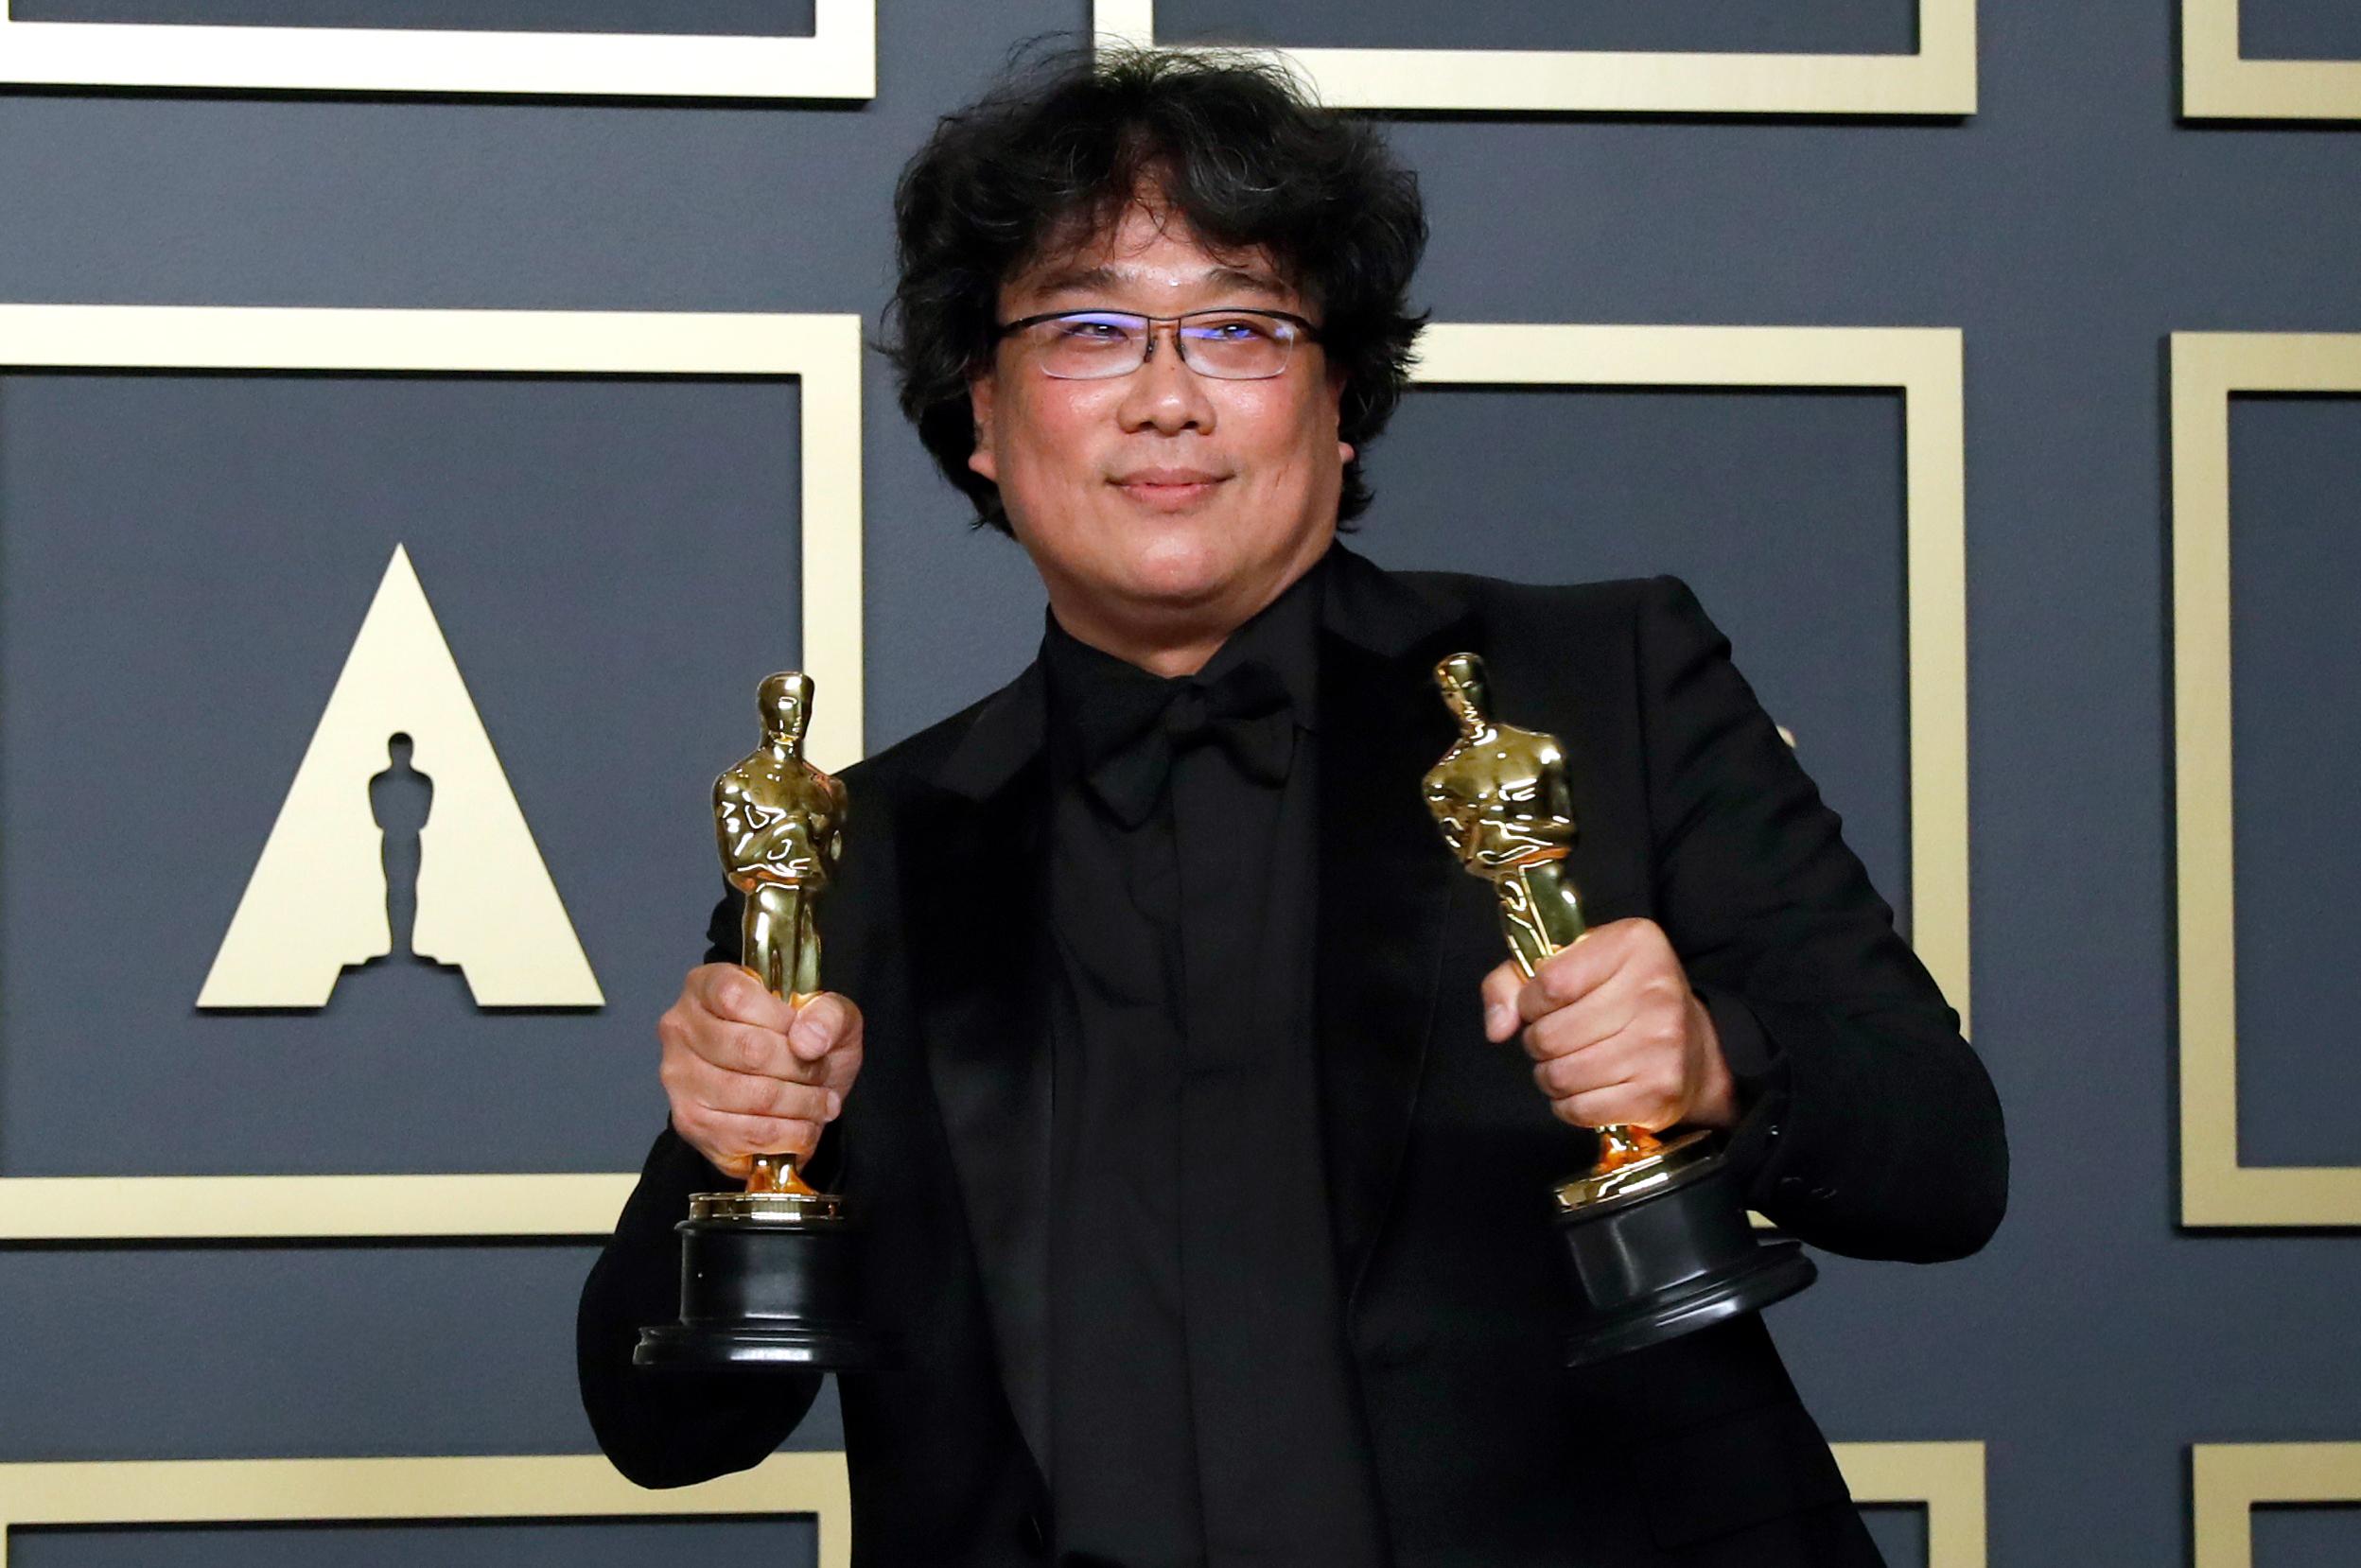 92e cérémonie des Oscars ,Parasite, Bong Joon-ho, Joaquin Phoenix,Renée Zellweger, Judy Garland, Sam Mendes, Quentin Tarantino , Brad Pitt, Laura Dern, Martin Scorsese